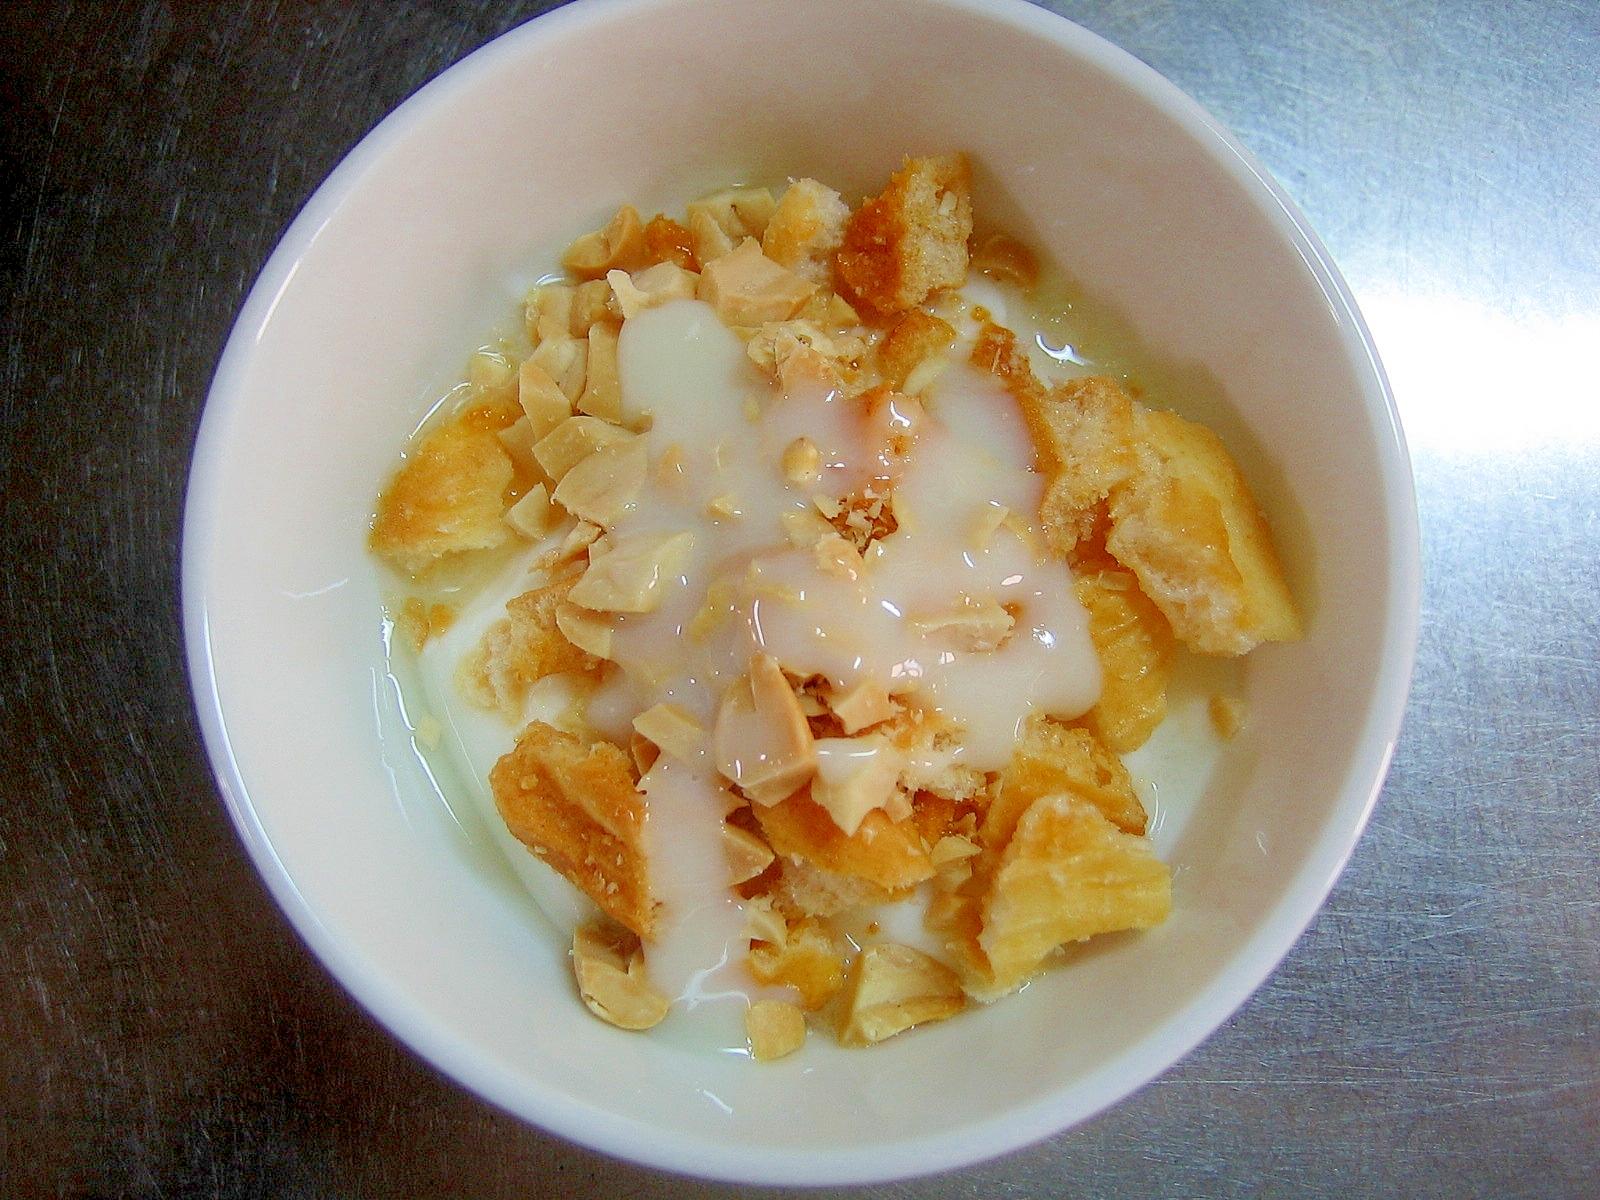 煎餅&ピーナッツの練乳かけヨーグルト